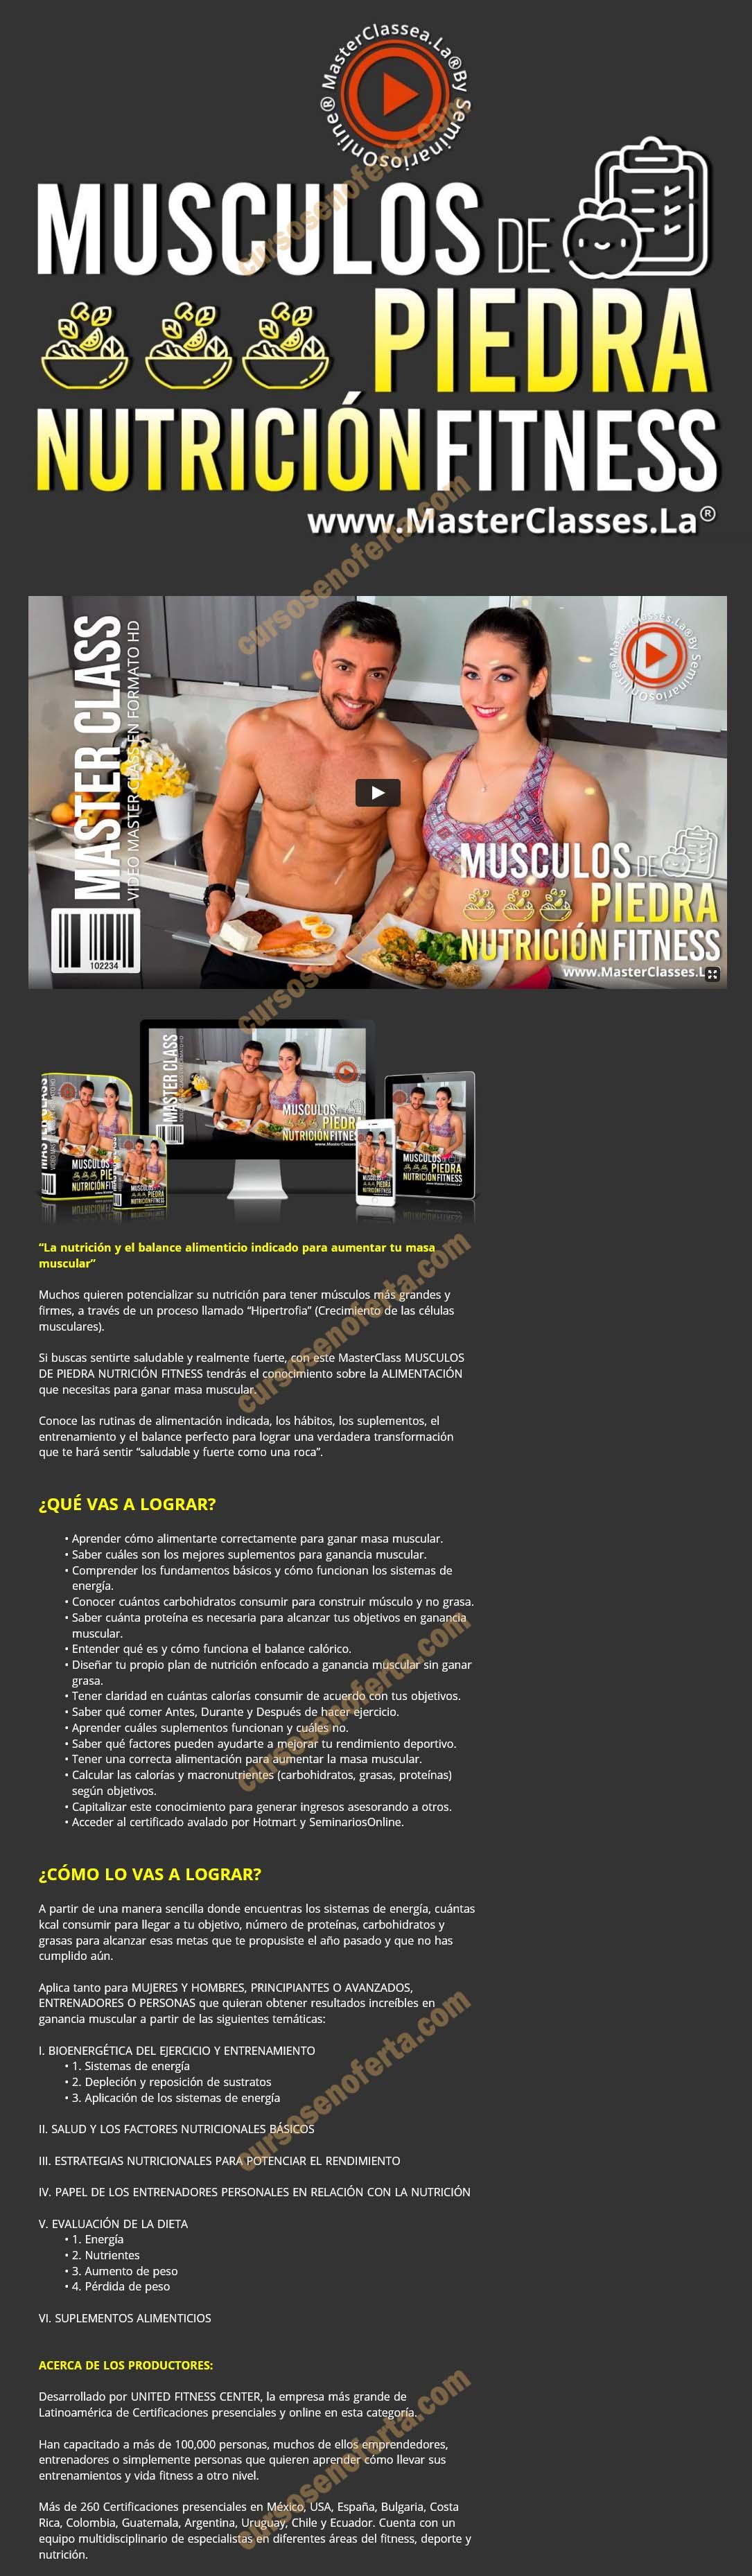 Músculos de piedra nutrición fitness